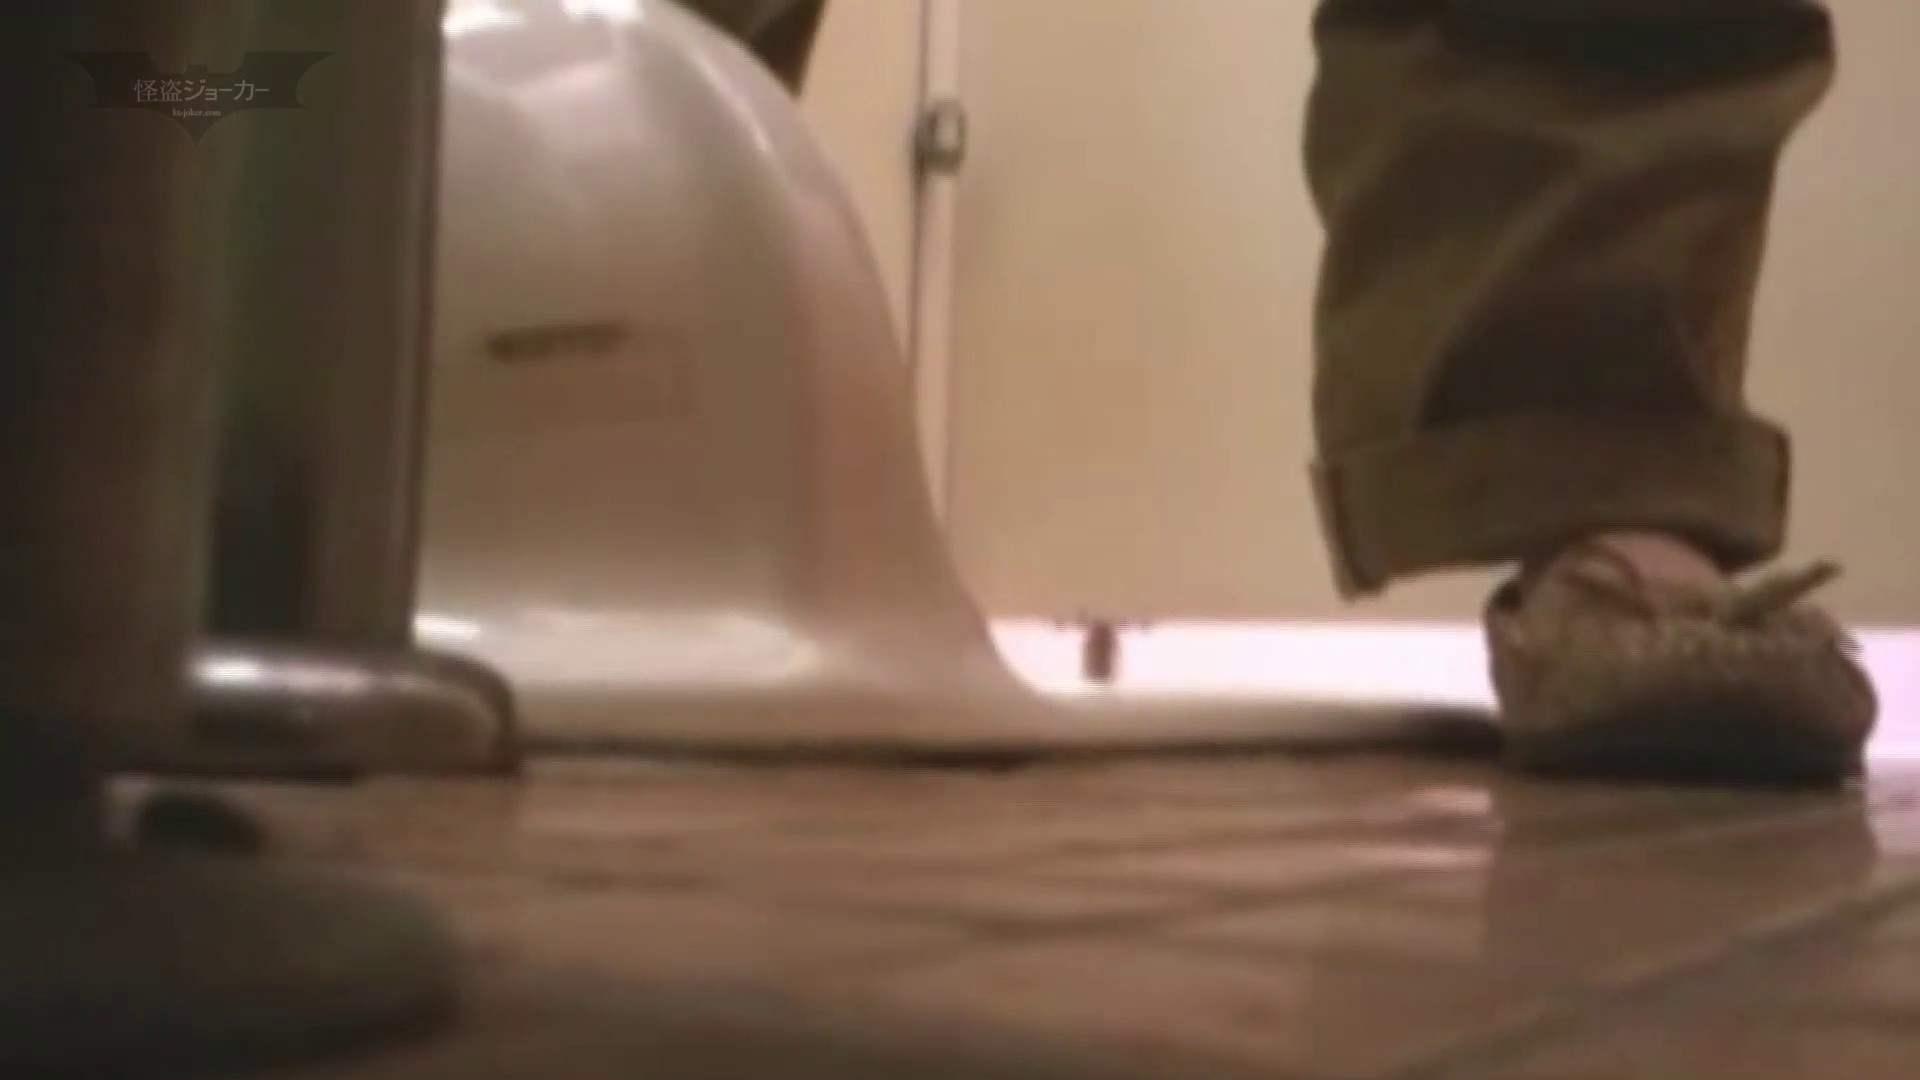 巨乳おまんこ:化粧室絵巻 番外編 VOL.09 銀河さん庫出し映像チョット良くなりました6:怪盗ジョーカー